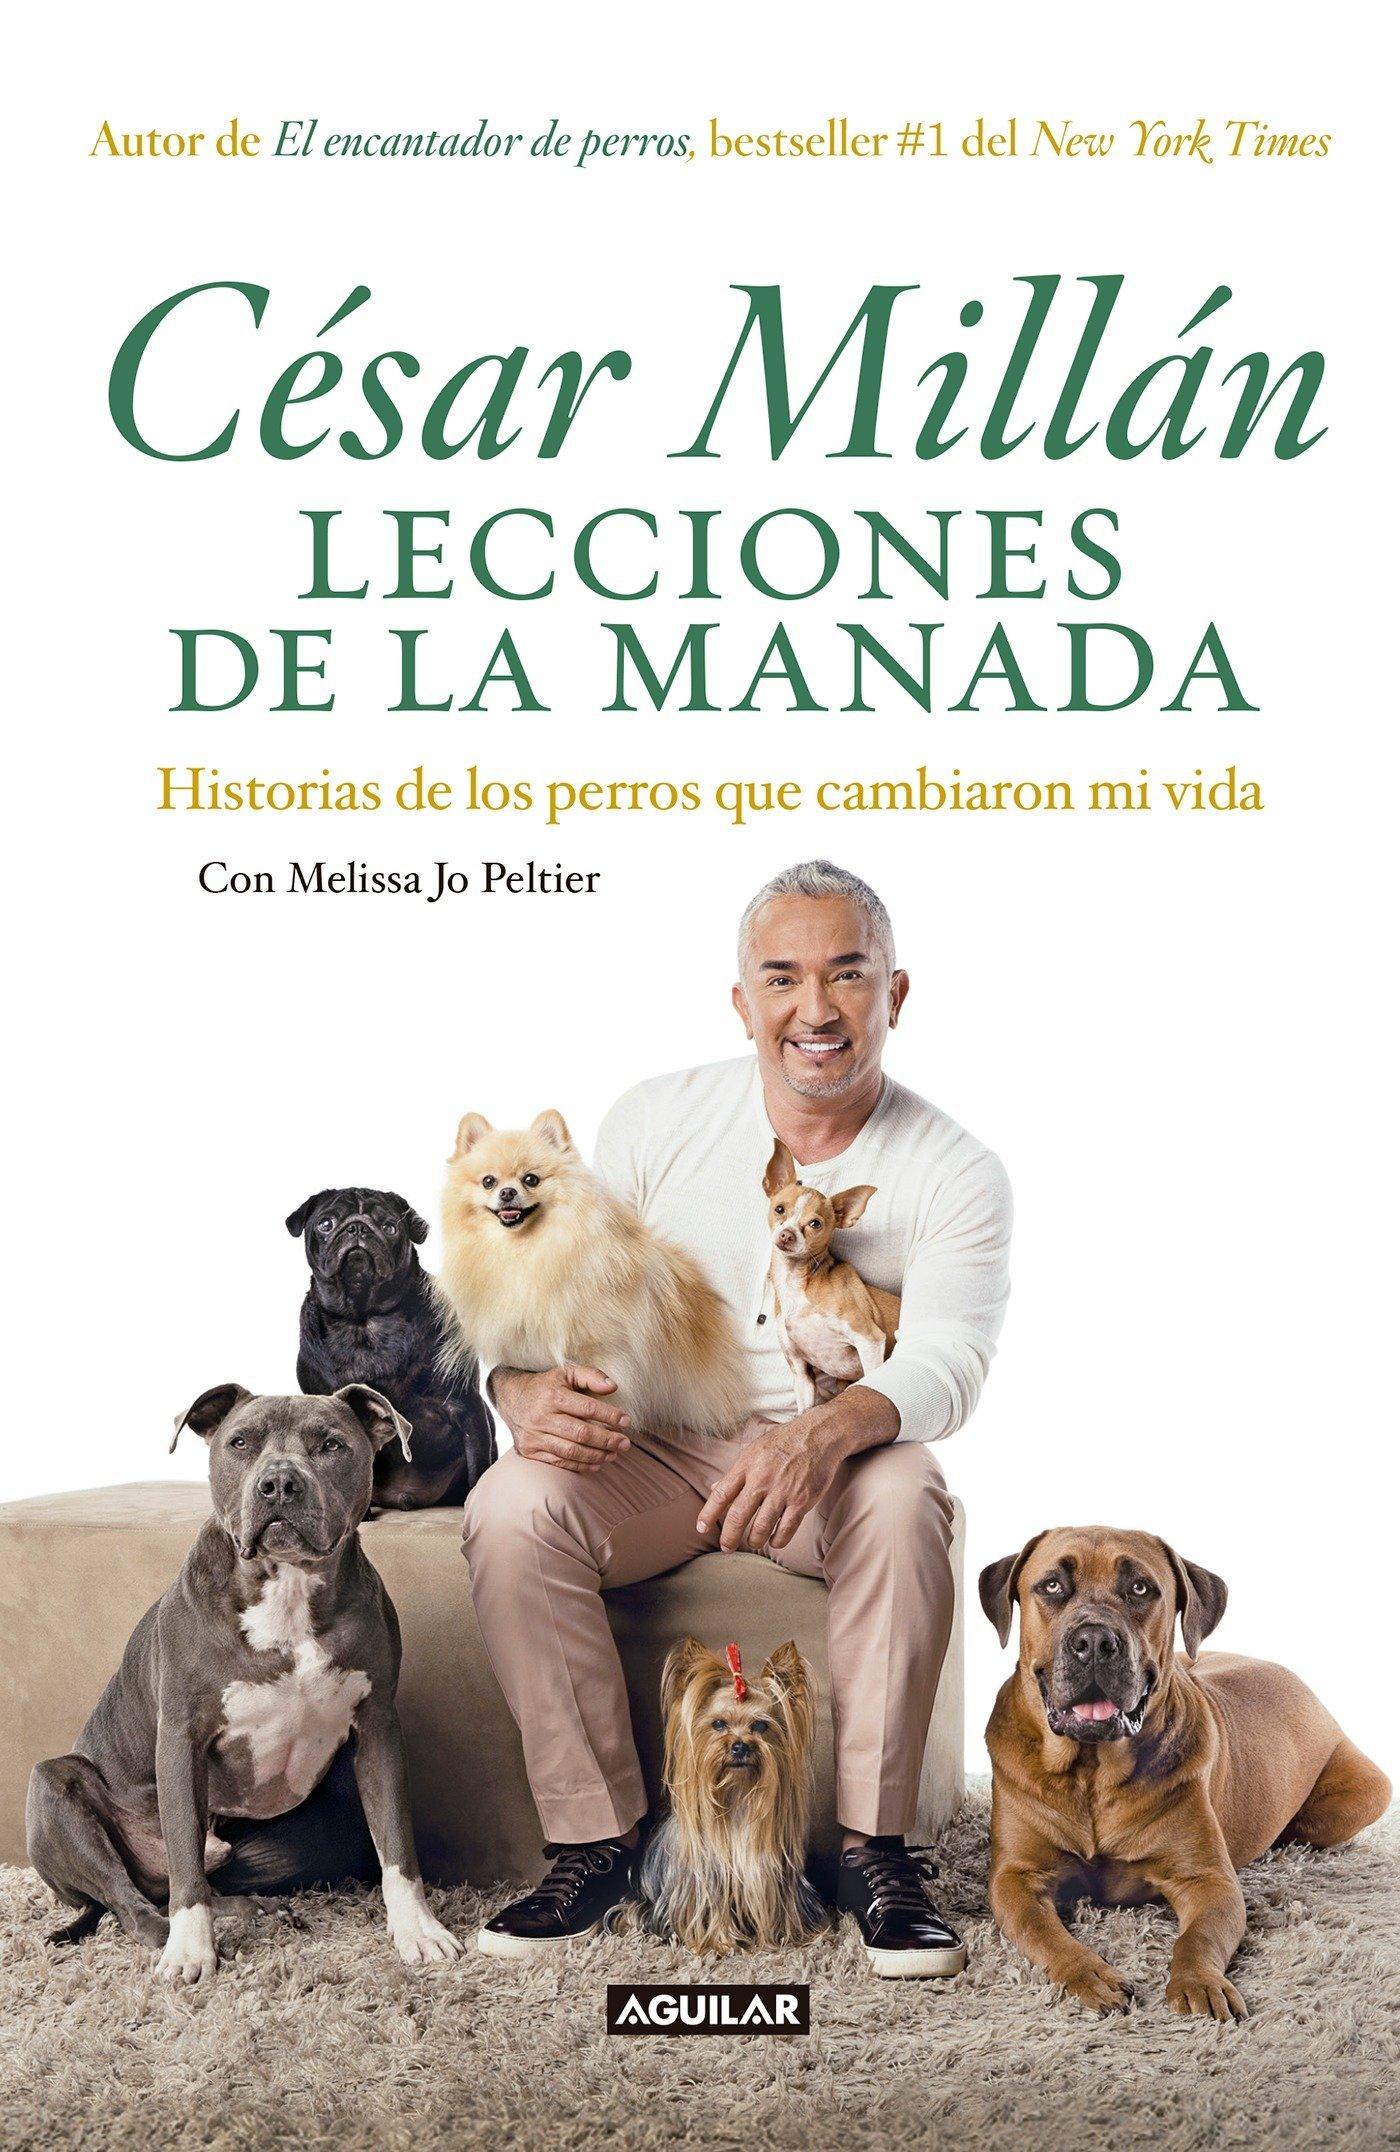 Lecciones de la manada: Historias de los perros que cambiaron mi vida 1